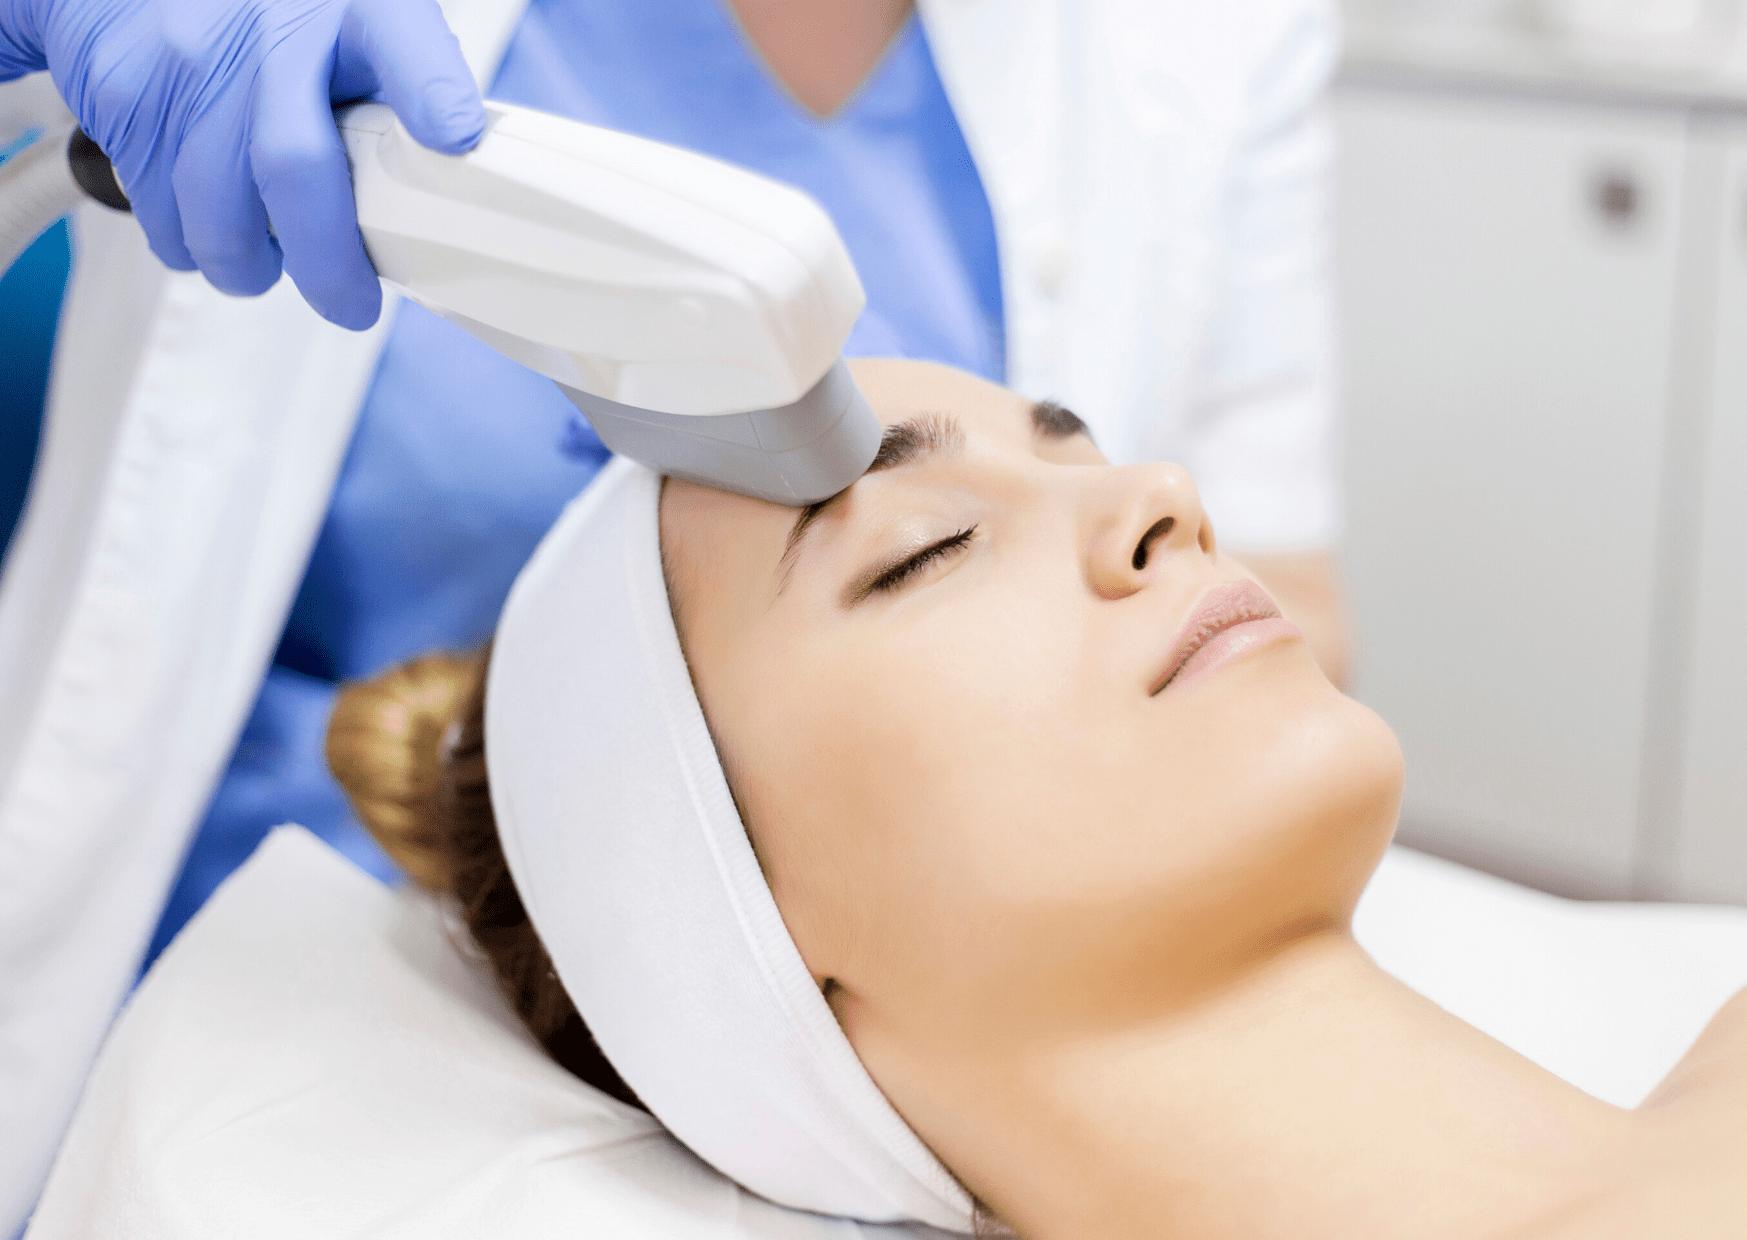 produits-acne-qui-marchent-vraiment